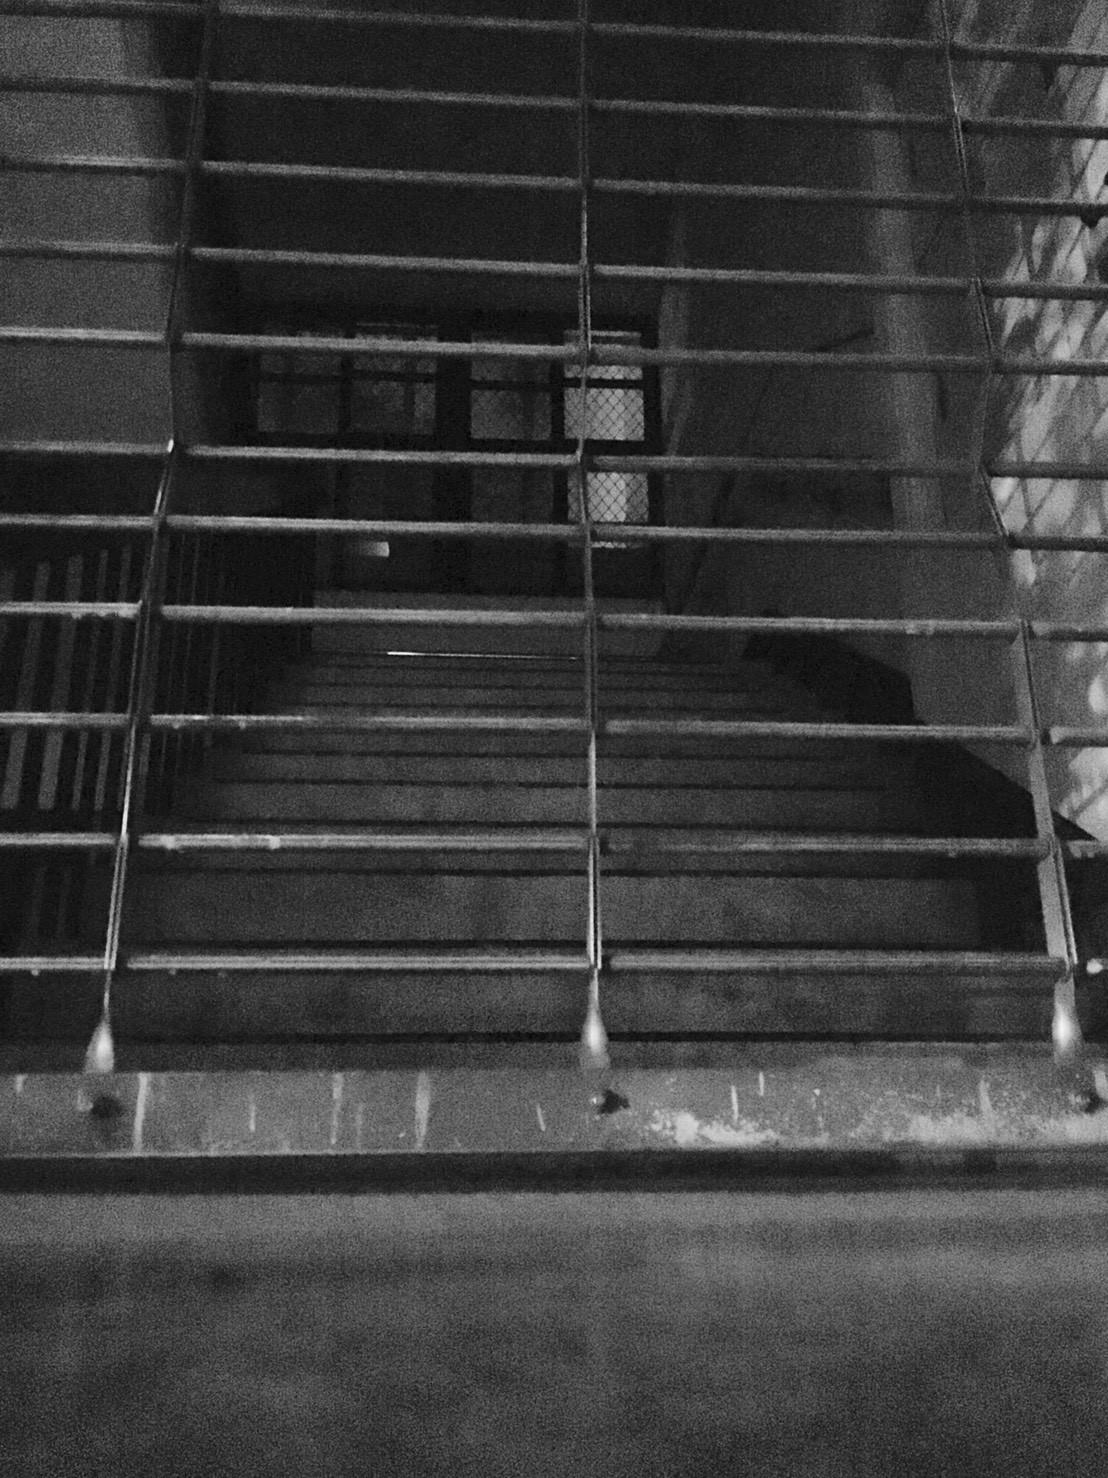 ▲▼北上比賽車禍全滅!熱血棒球隊死了也要拚 黃昏出沒母校操場(圖/小檸檬供稿專用)